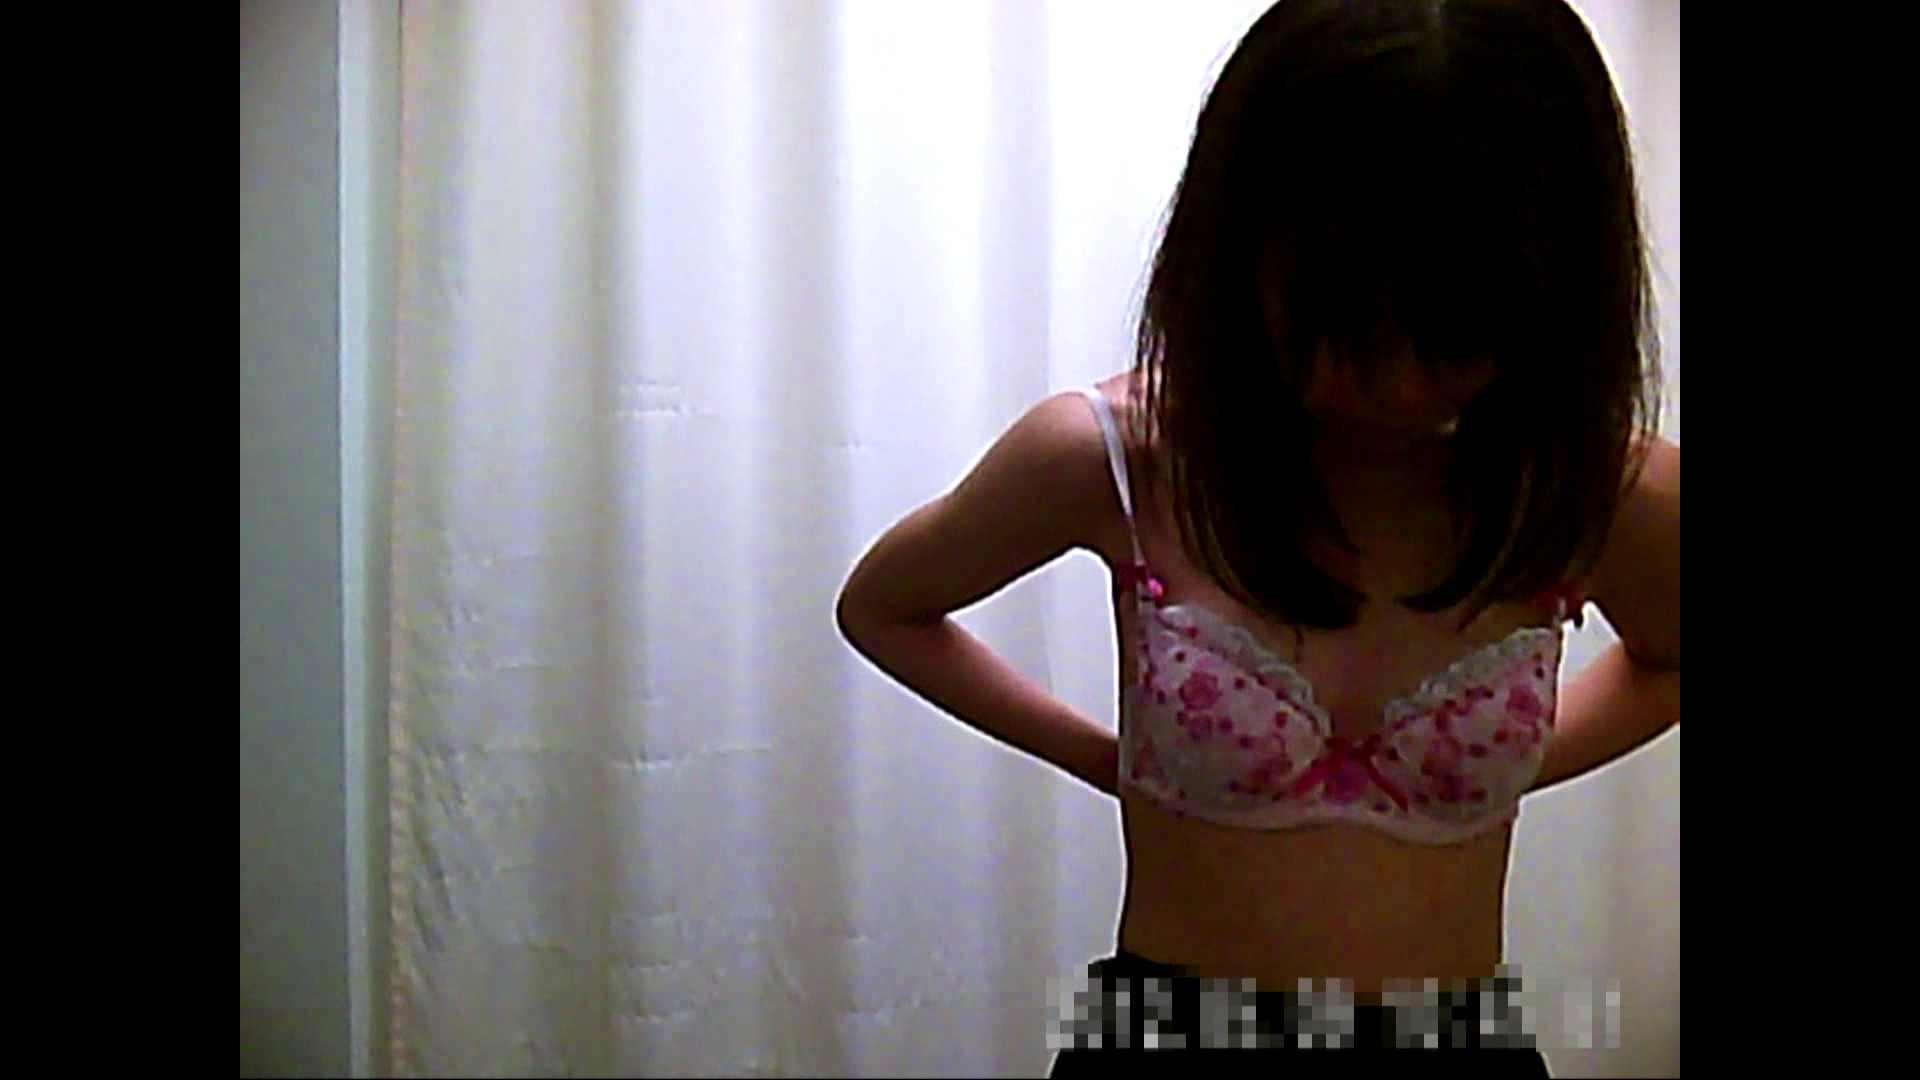 元医者による反抗 更衣室地獄絵巻 vol.267 OLハメ撮り  81Pix 26